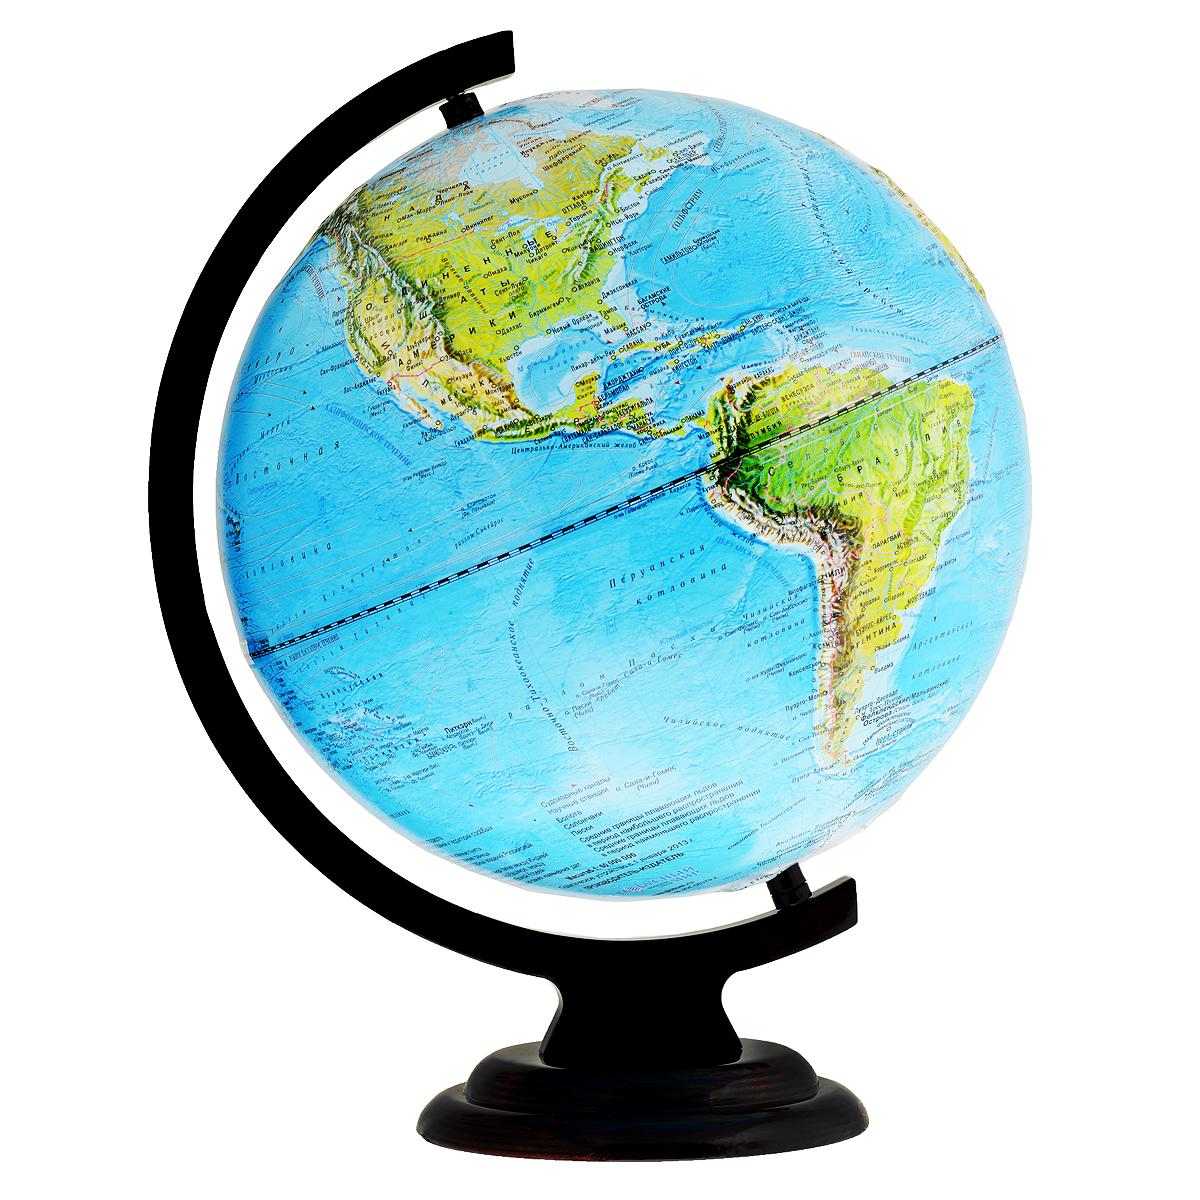 Глобусный мир Глобус настольный, рельефный, с физической картой мира, диаметр 32 см. 10246